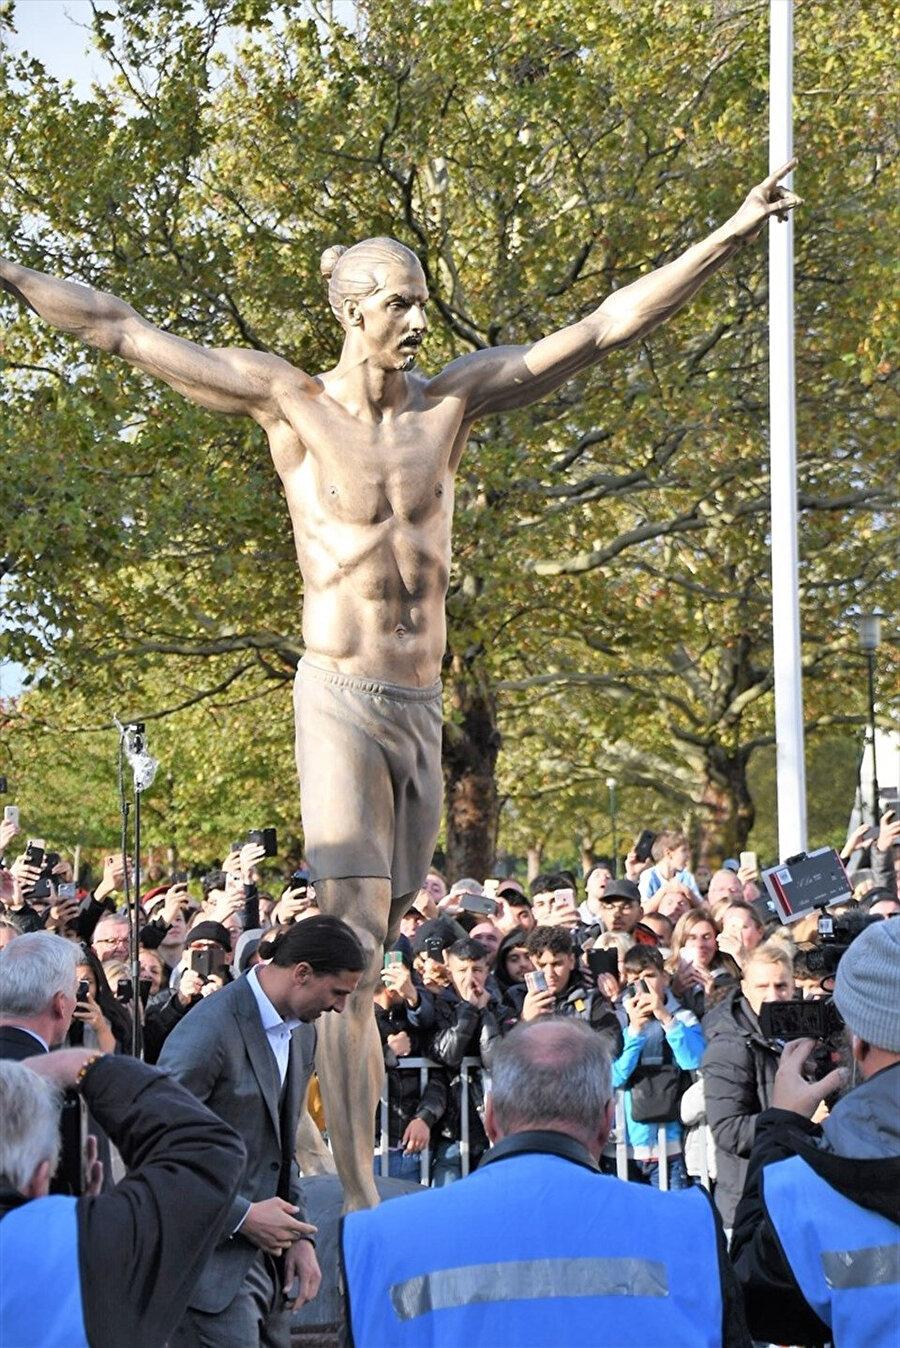 Zlatan'ın heykeli 9 Ekim'de açılmıştı.